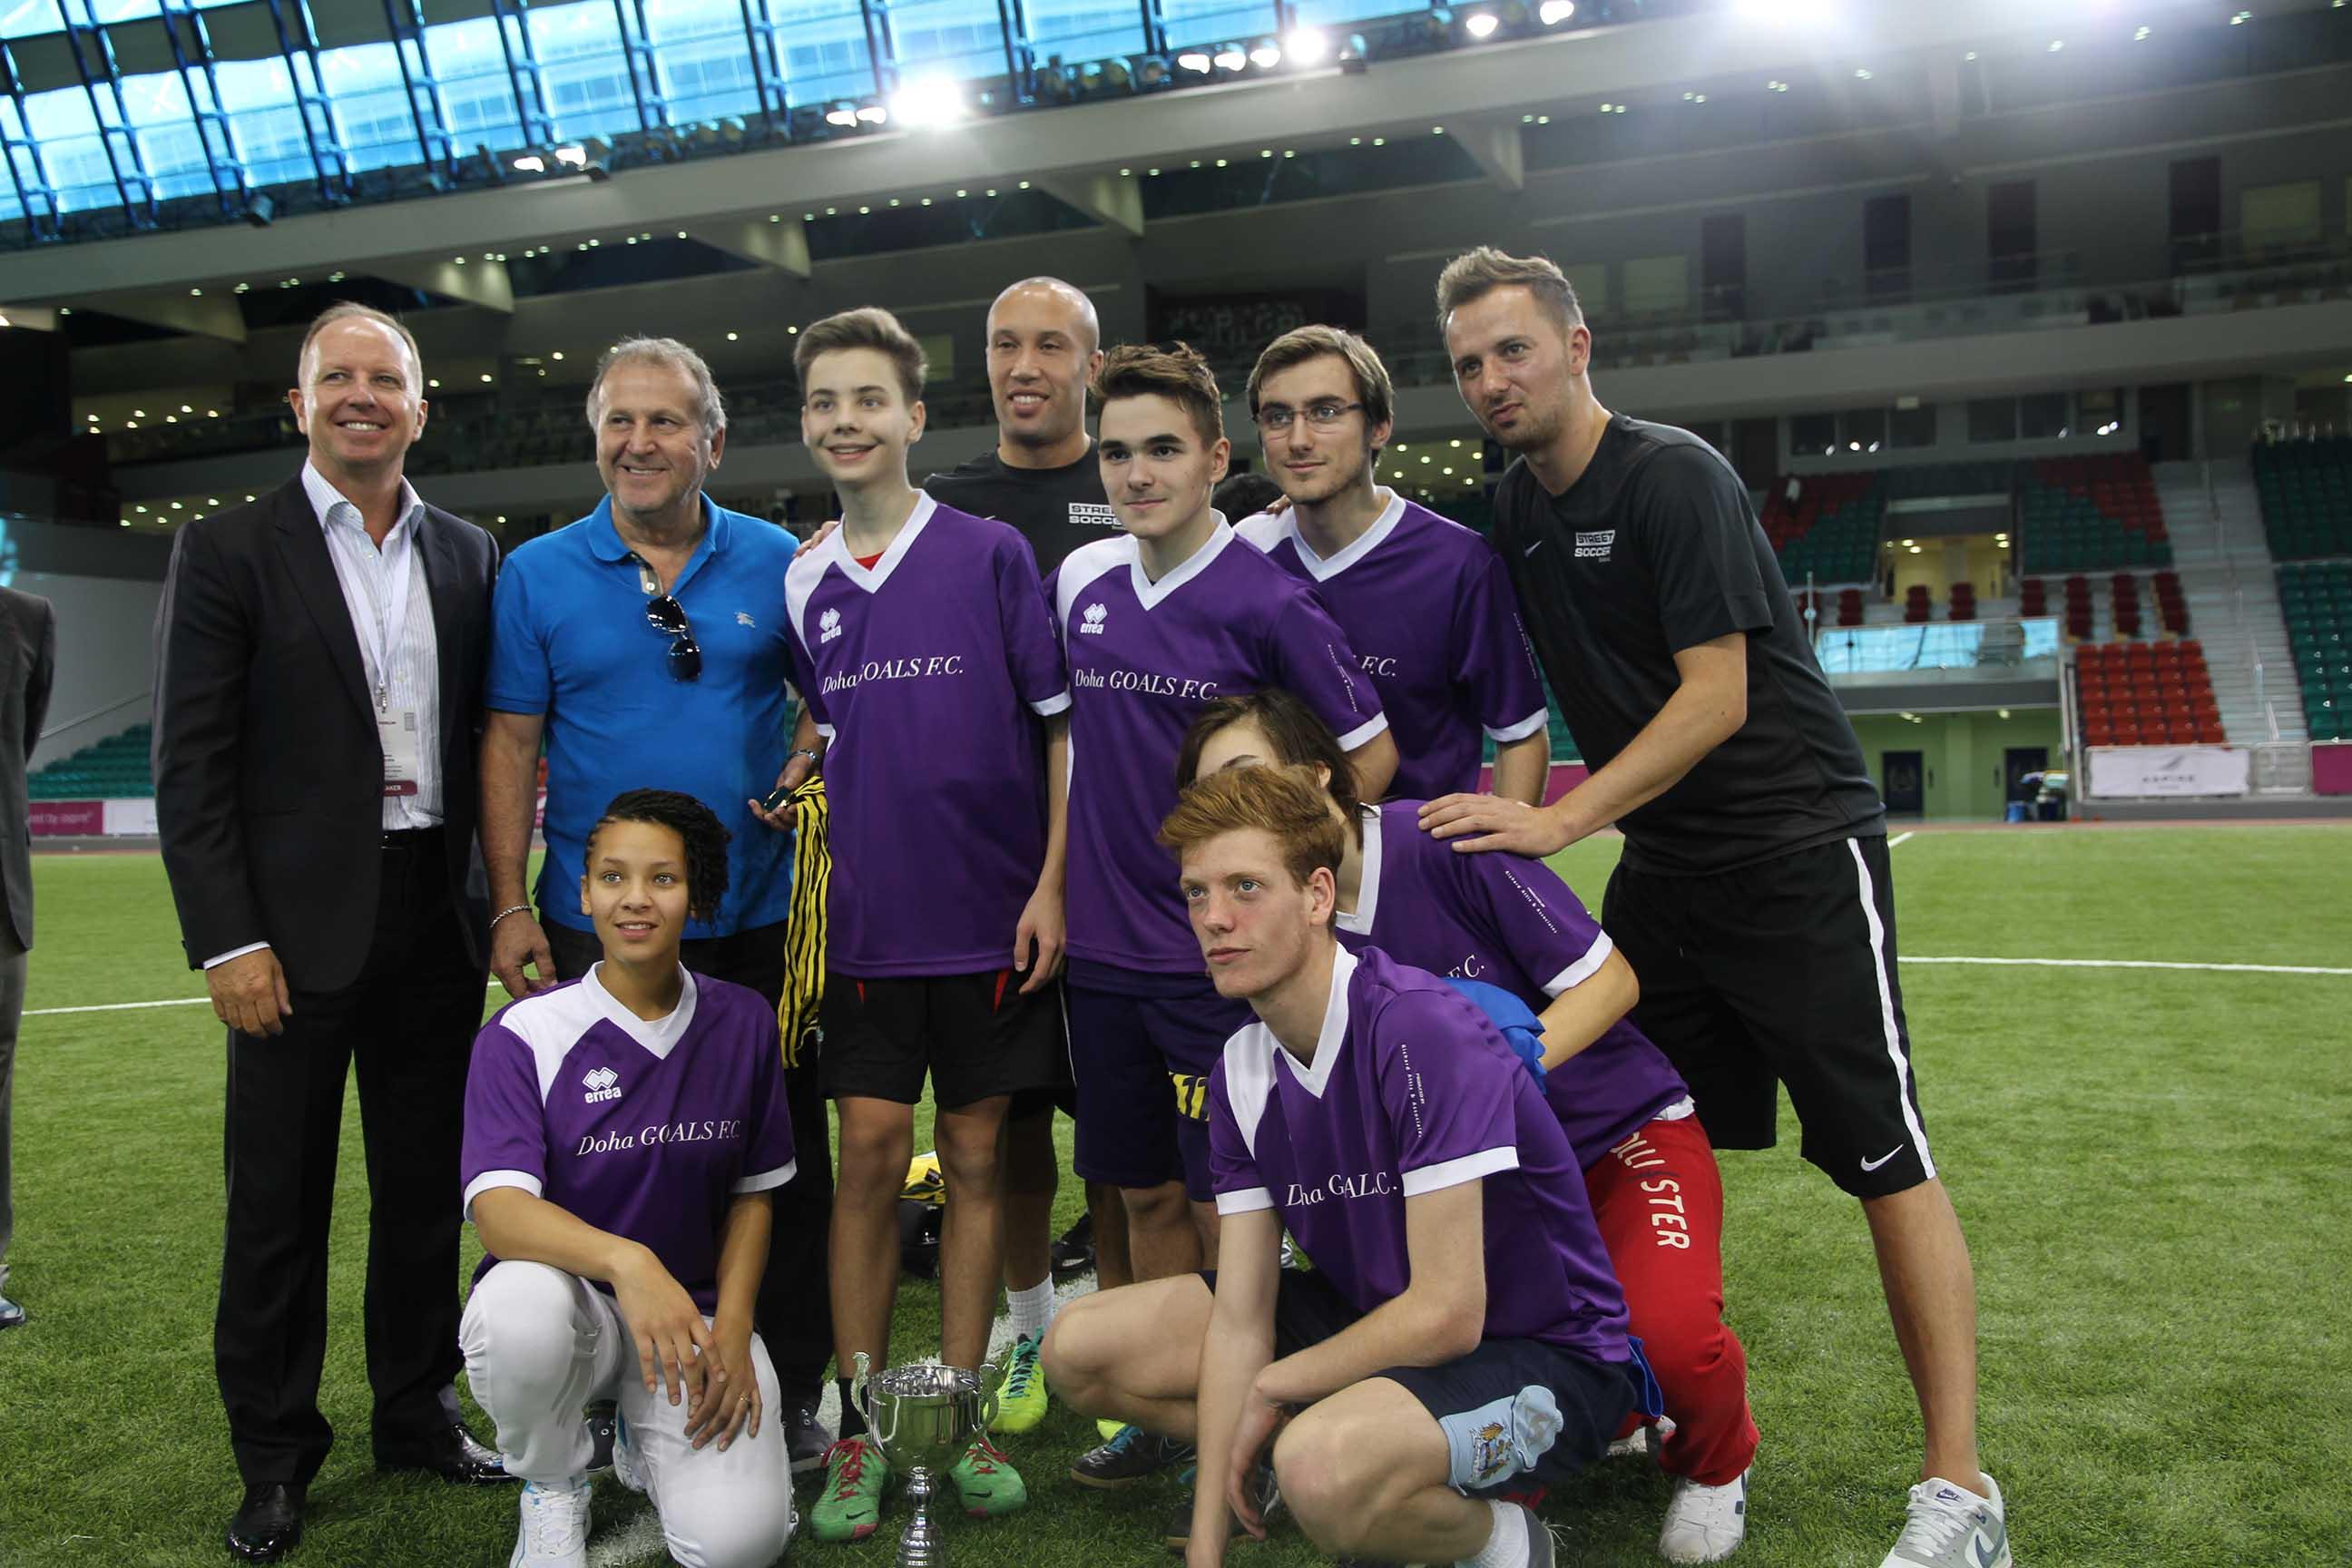 «Student Ambassador» aux Doha Goals